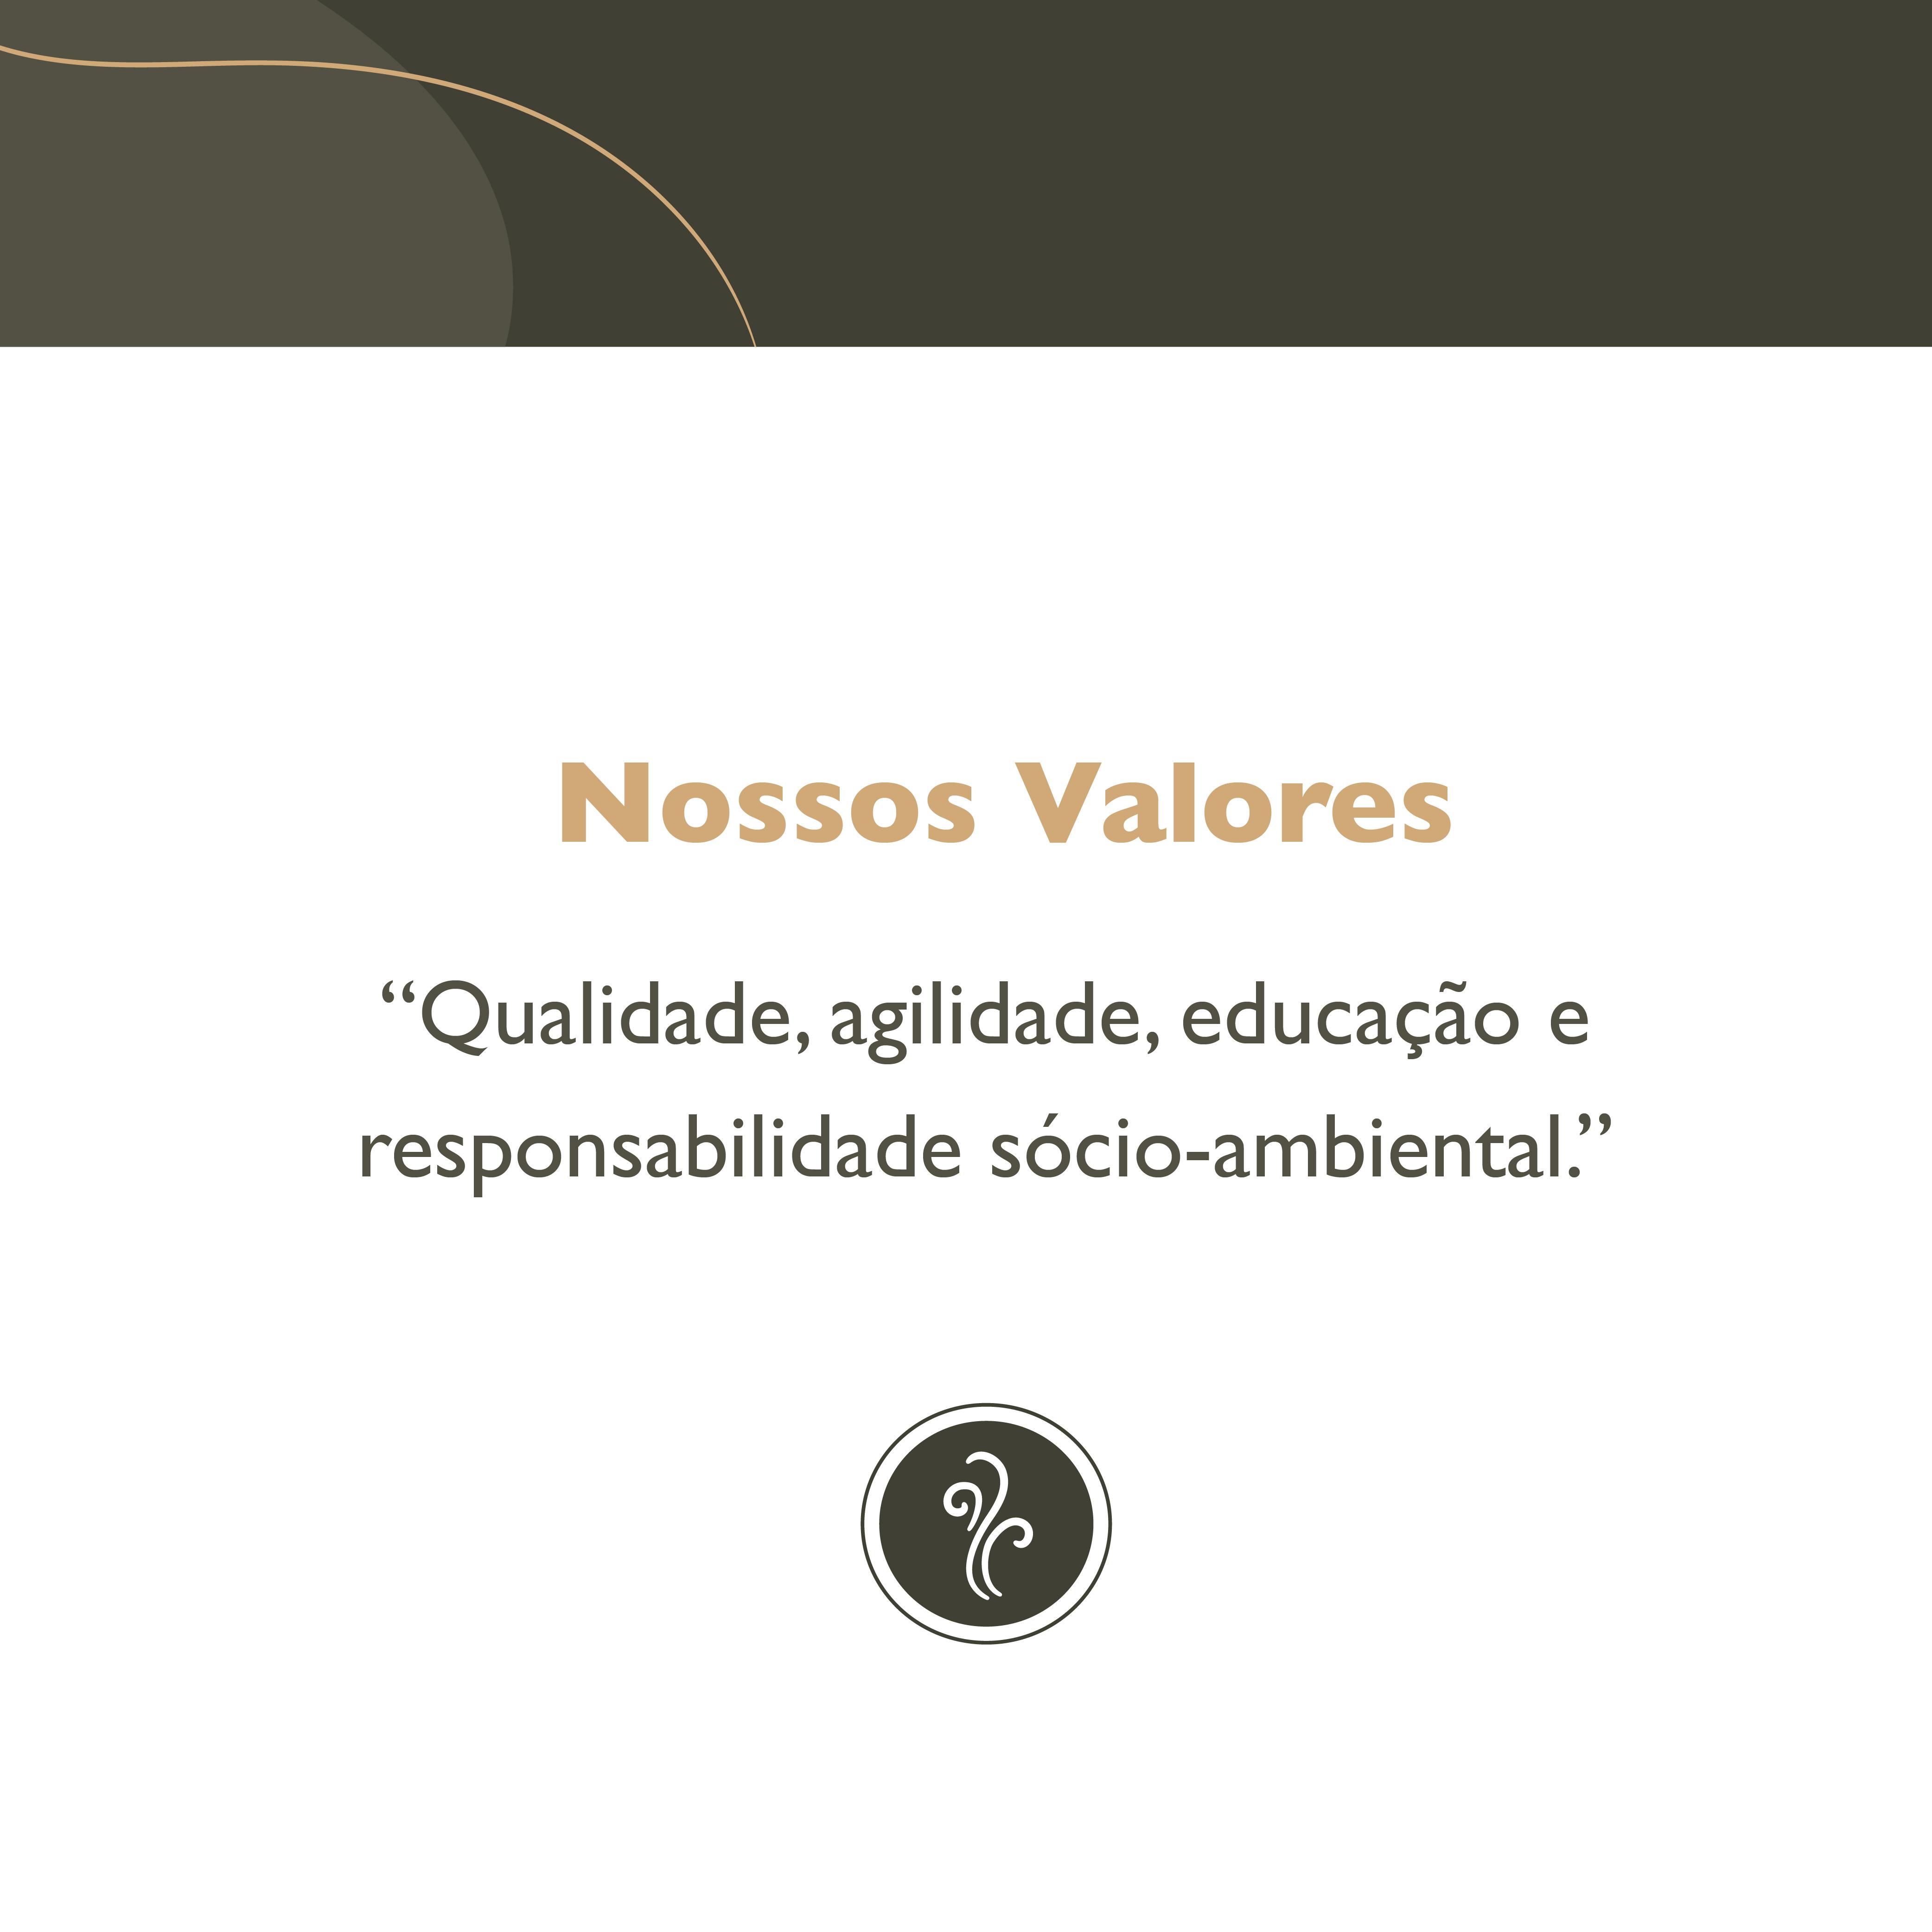 Qualidade, agilidade, educação e responsabilidade sócio-ambiental.